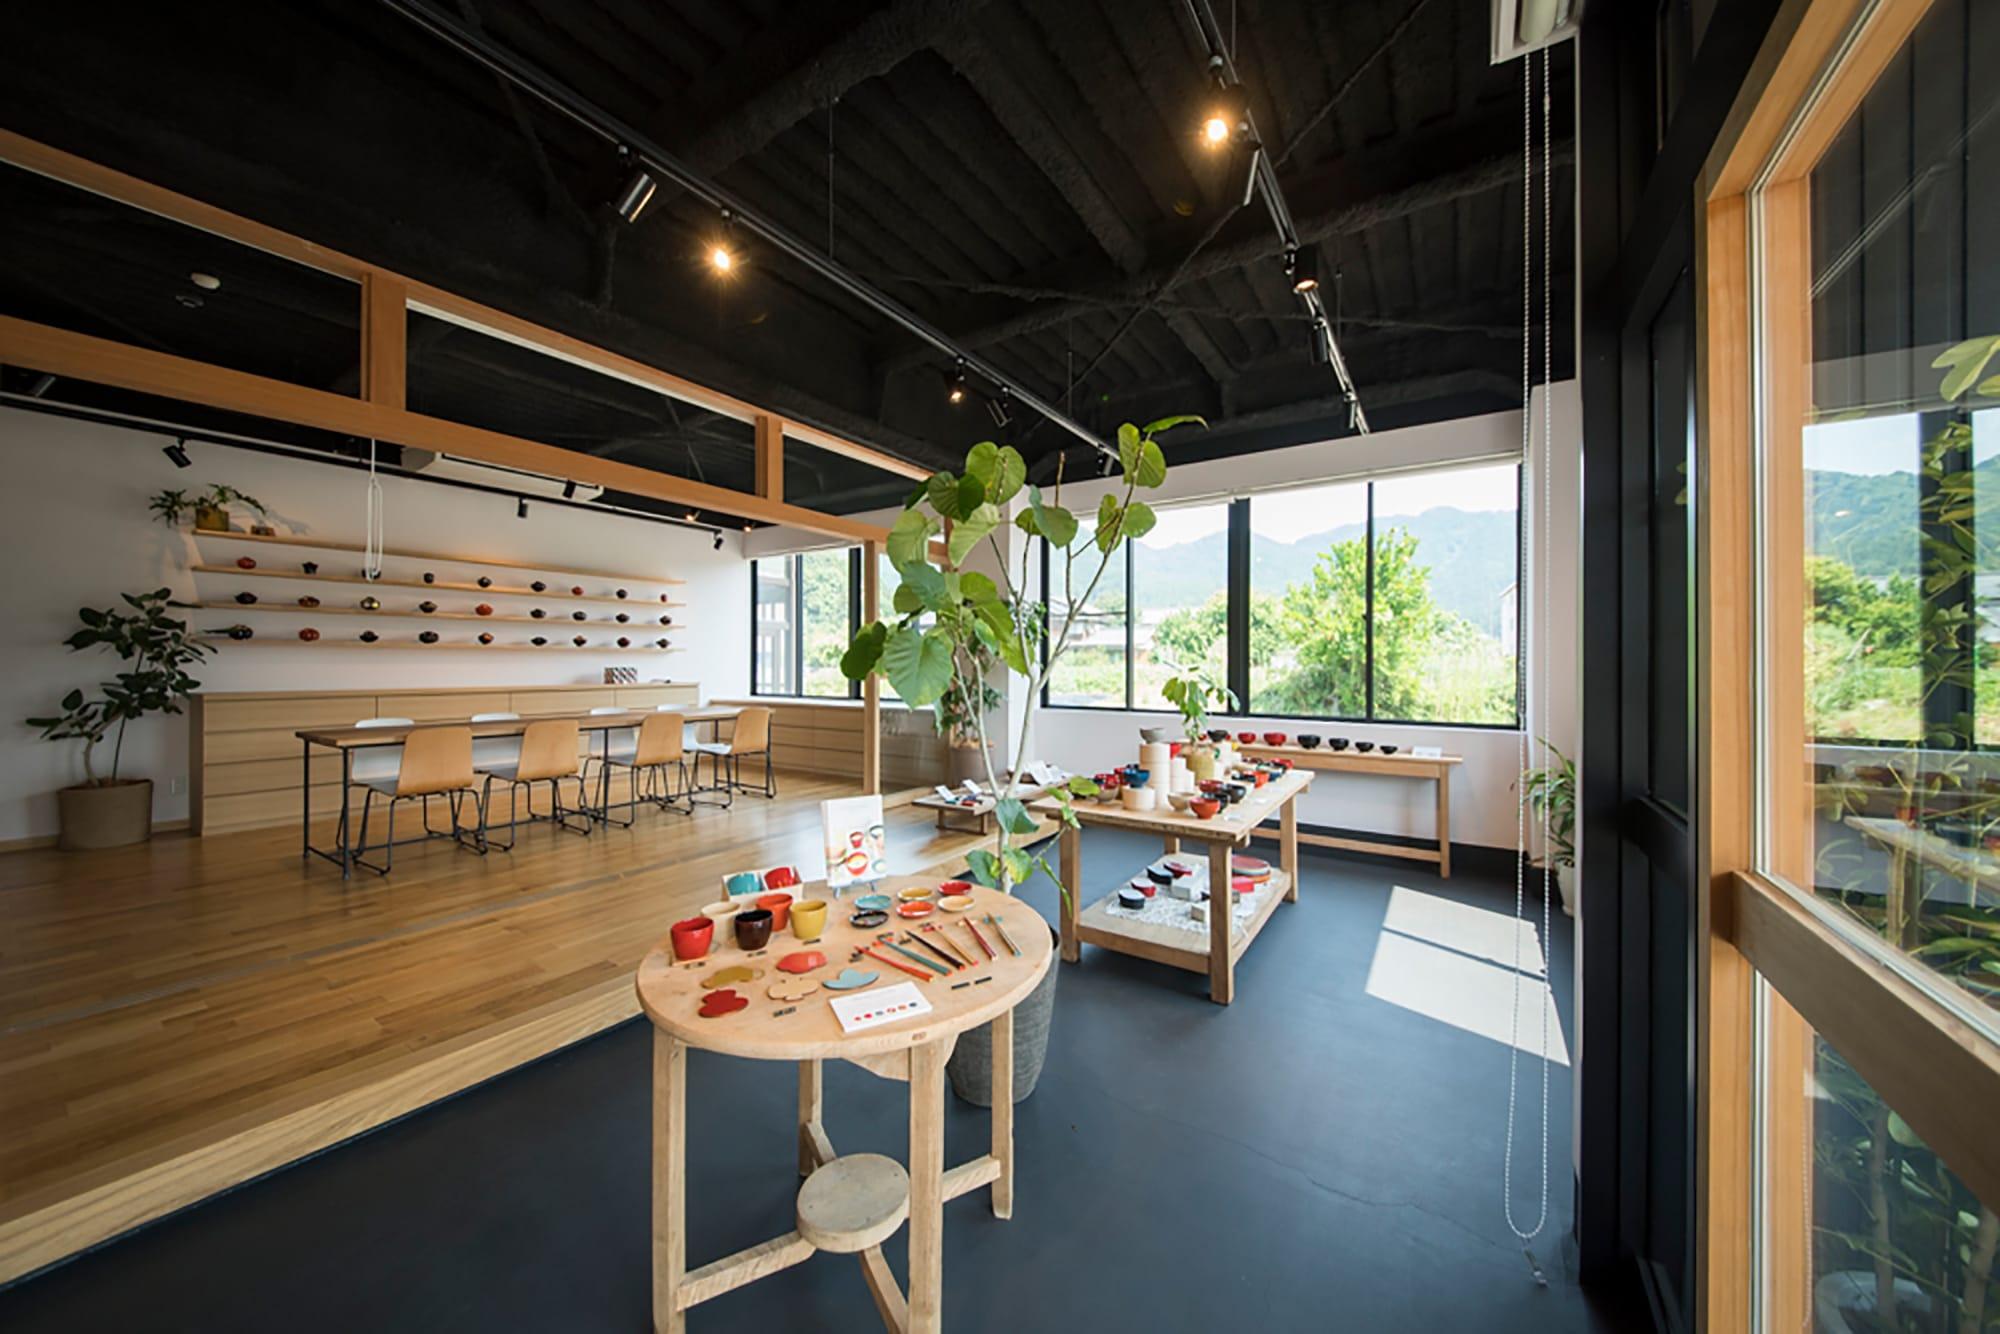 漆琳堂の直営店にあるショップ。自社ブランド「aisomo cosomo」や「お椀や うちだ」など、漆琳堂の全アイテムを実際に手に触れることができる。